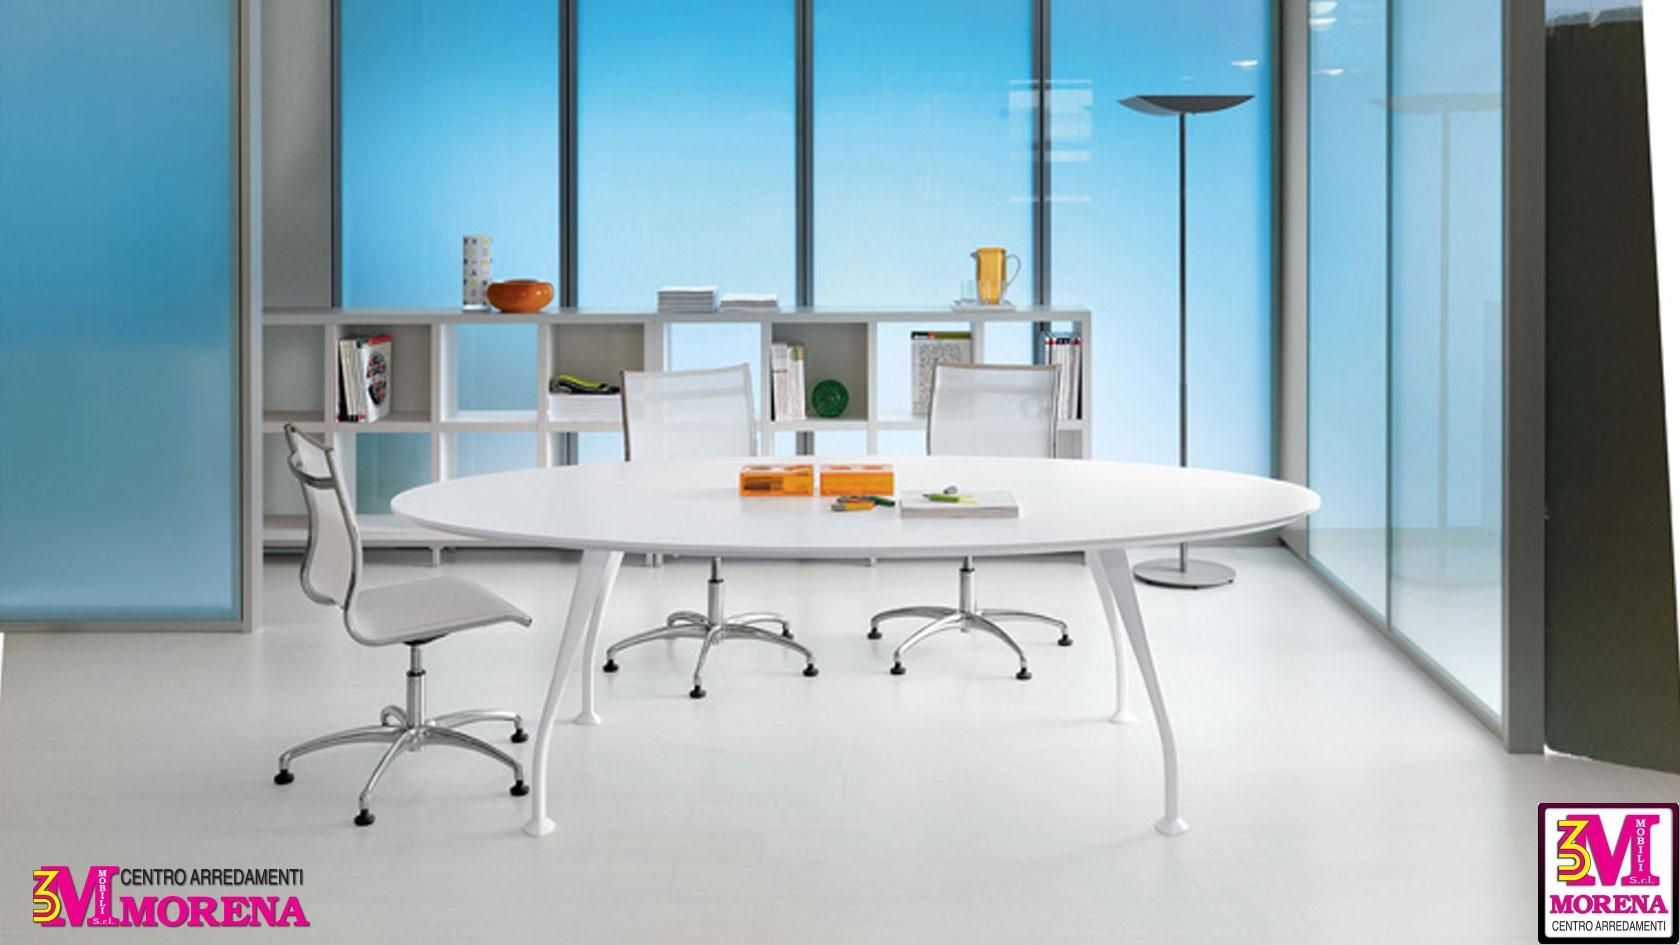 tavolo riunione meeting uni c. piedi - 3mmorena.it